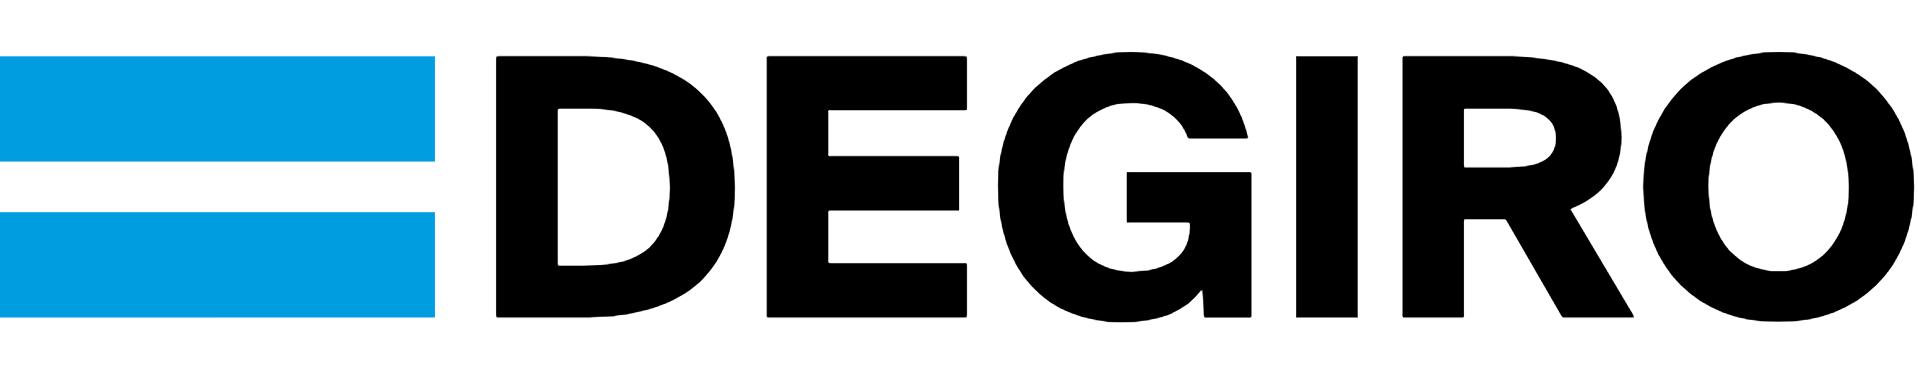 DeGiro inwestowanie na całym świecie